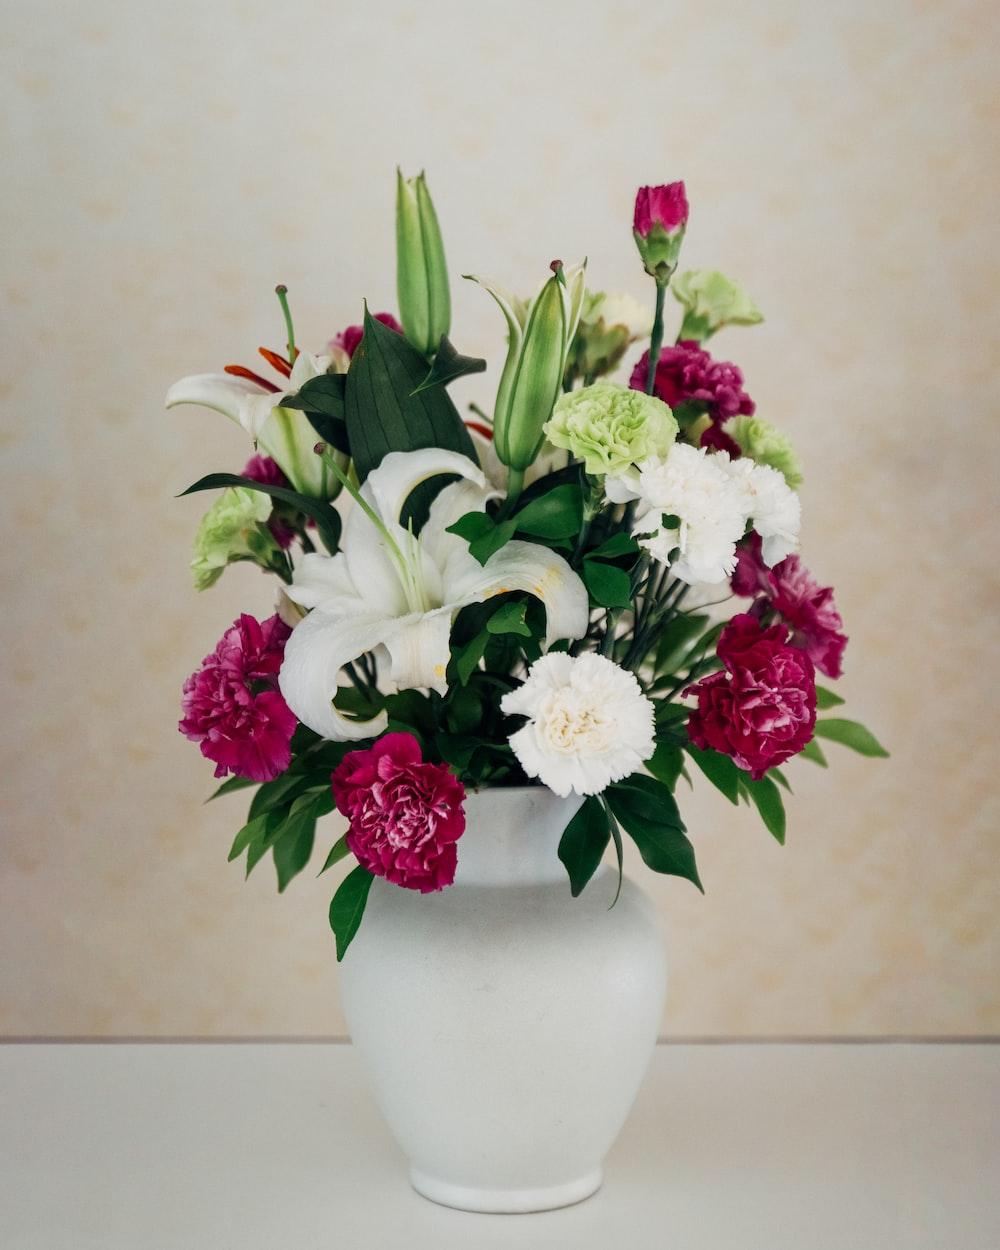 The Flower Bouquet Photo By Haydn Golden Goldensson On Unsplash